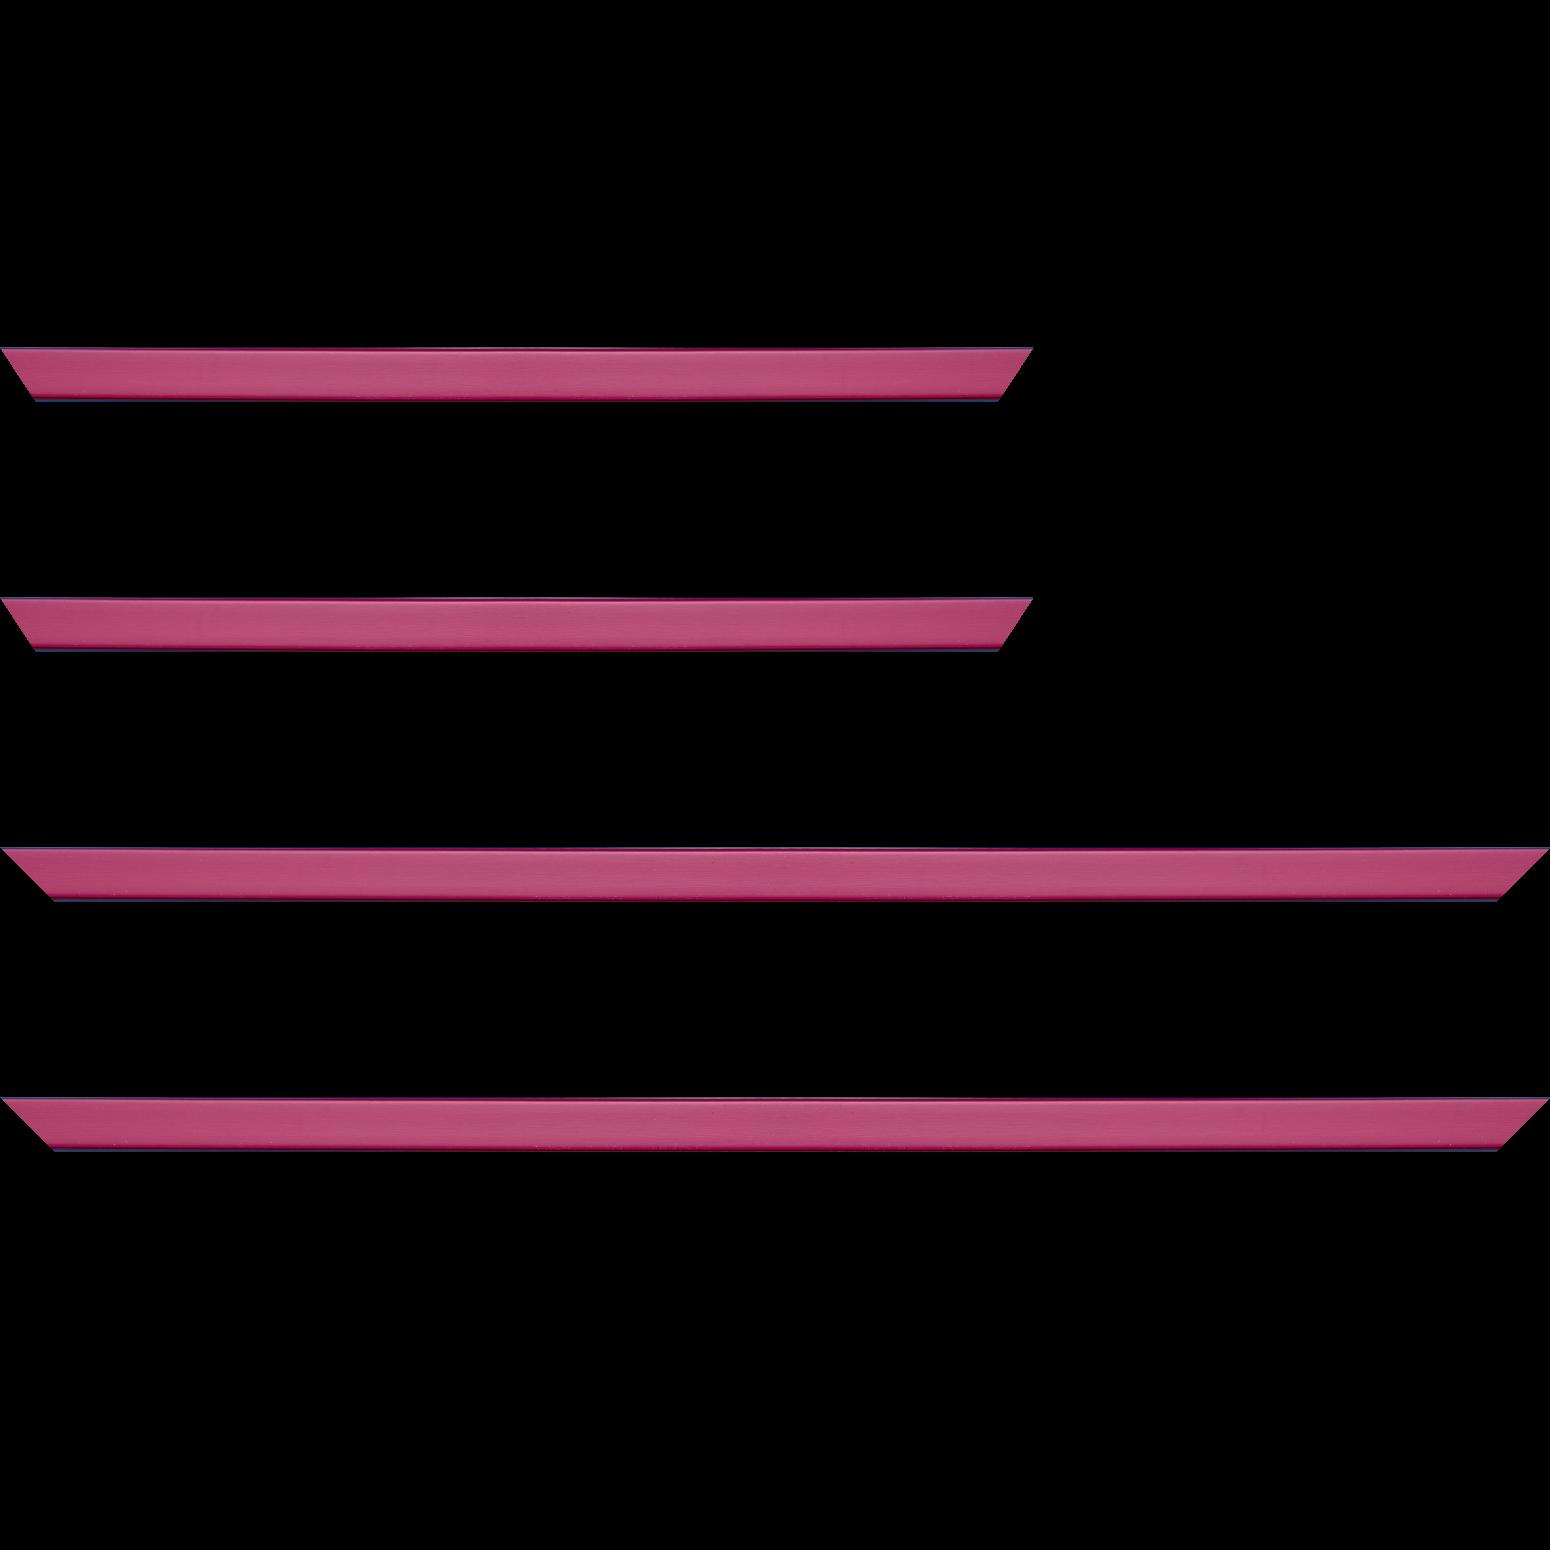 Baguette service précoupé Bois profil plat effet cube largeur 1.7cm couleur rose fuchsia satiné